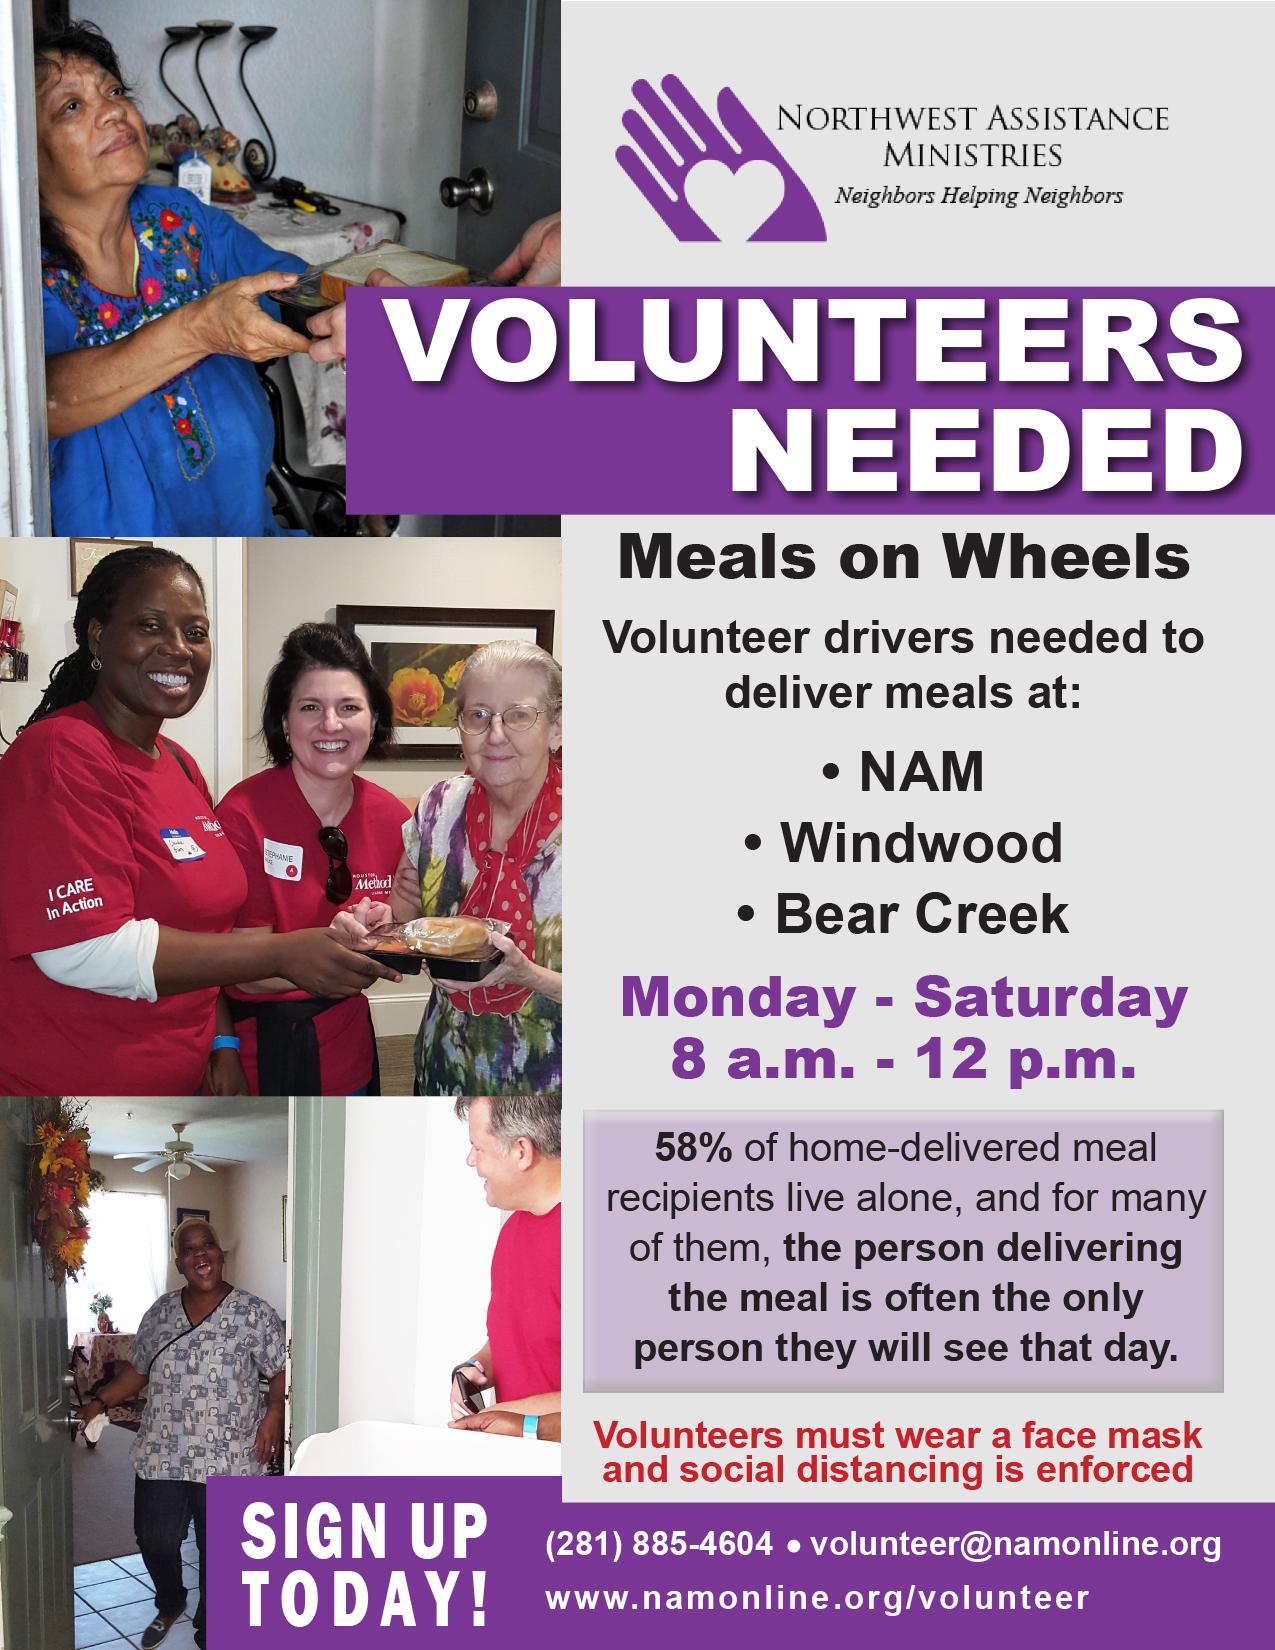 Meals on Wheels Volunteer Opportunities